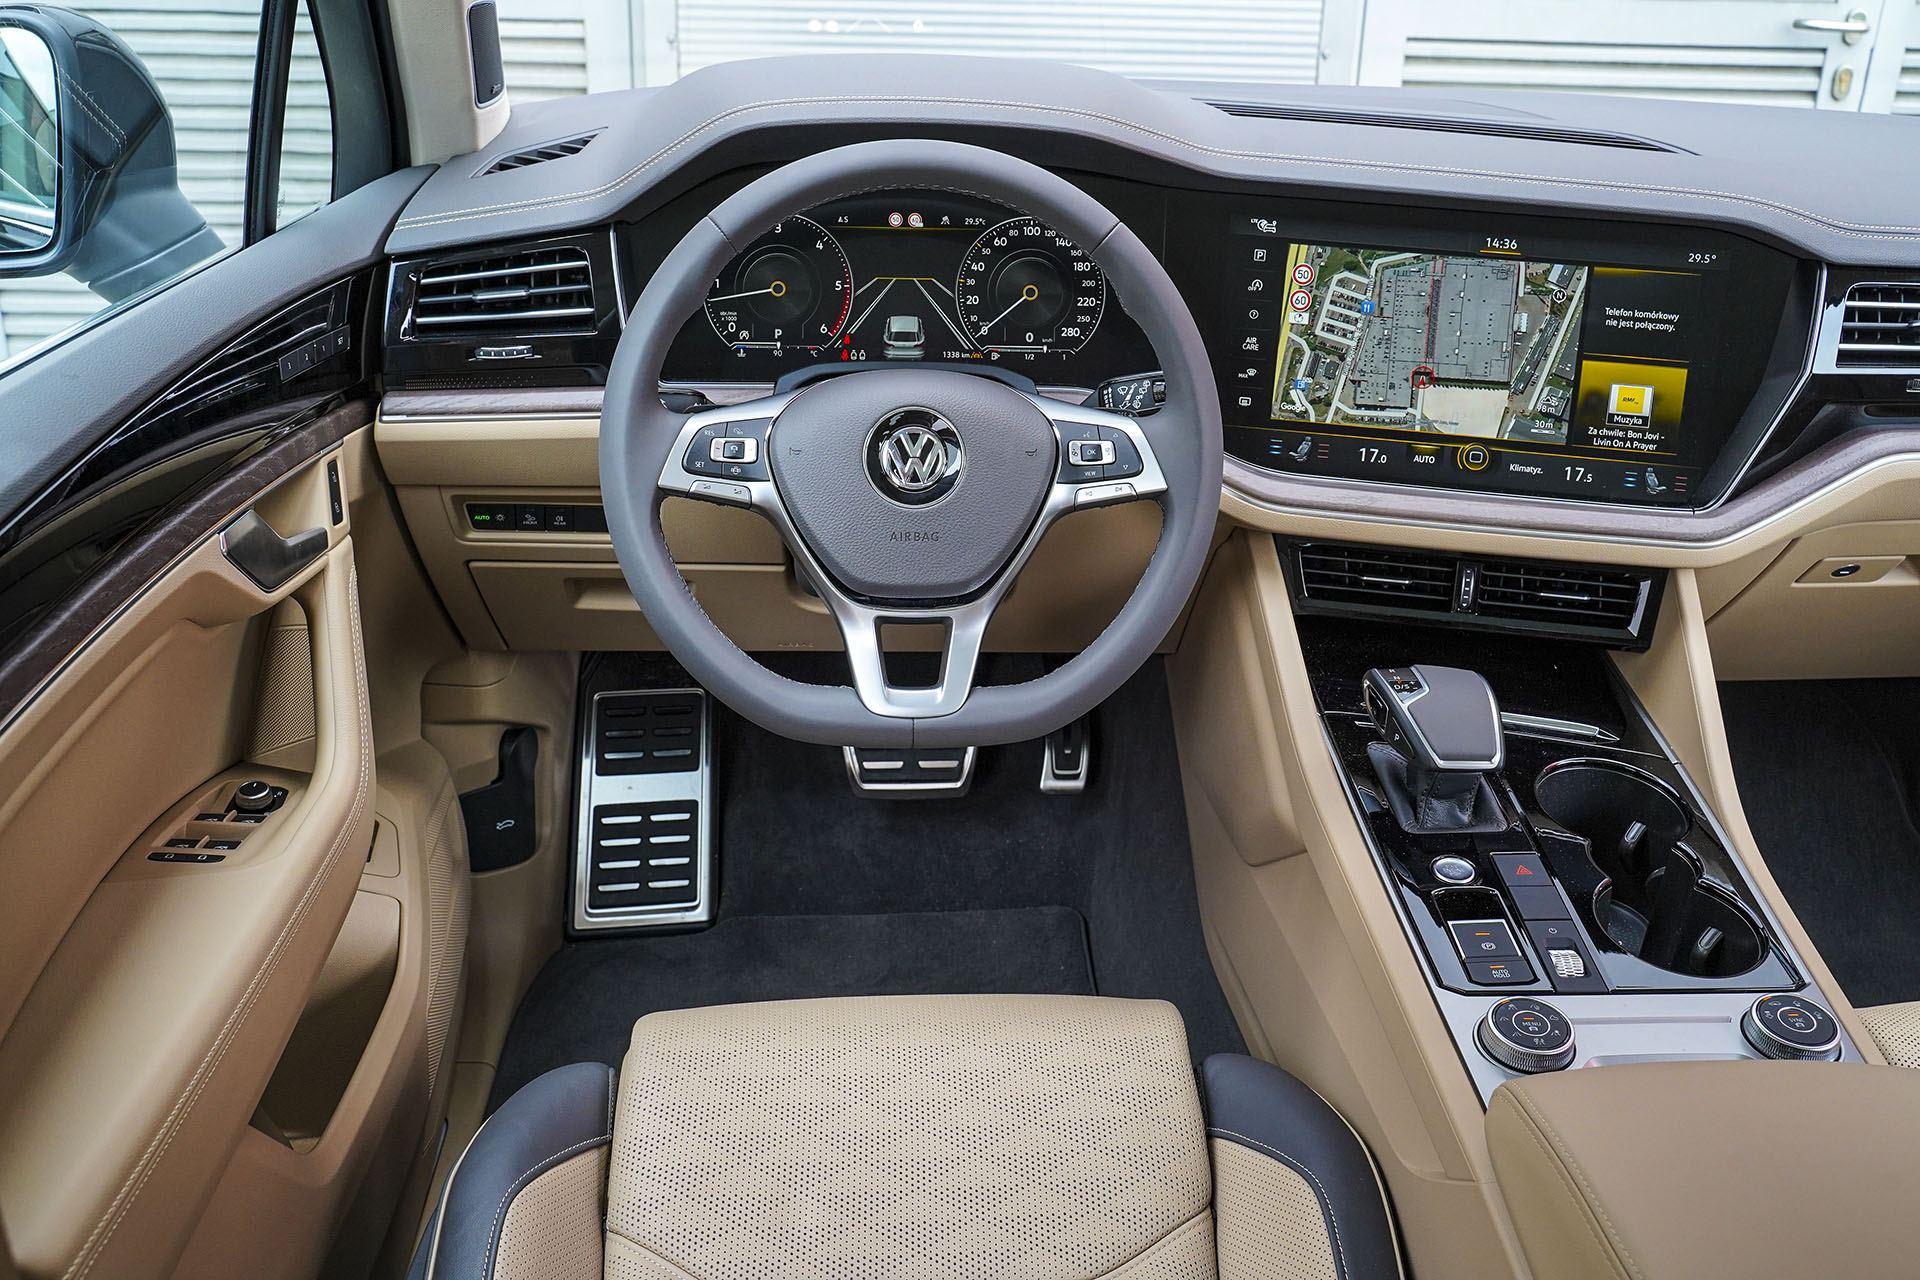 Volkswagen Touareg - deska rozdzielcza - Land Rover Discovery, Mercedes GLE, Range Rover Sport, Volkswagen Touareg, Volvo XC90 – PORÓWNANIE –opinie, dane techniczne, wymiary